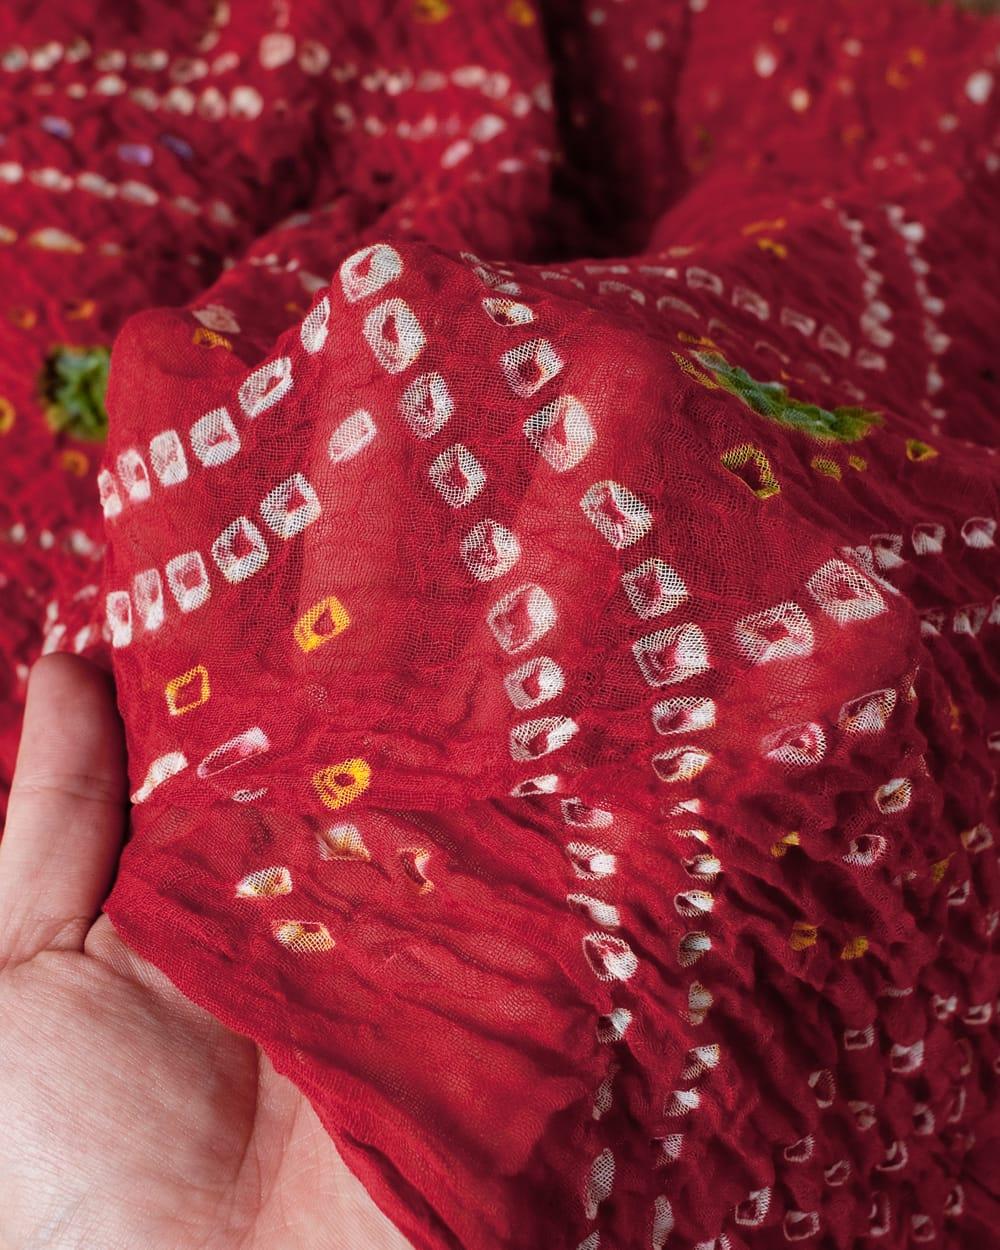 あなたが完成させる 伝統の絞り染めストール バンデジ - 赤系 4 - ふんわりとした生地です